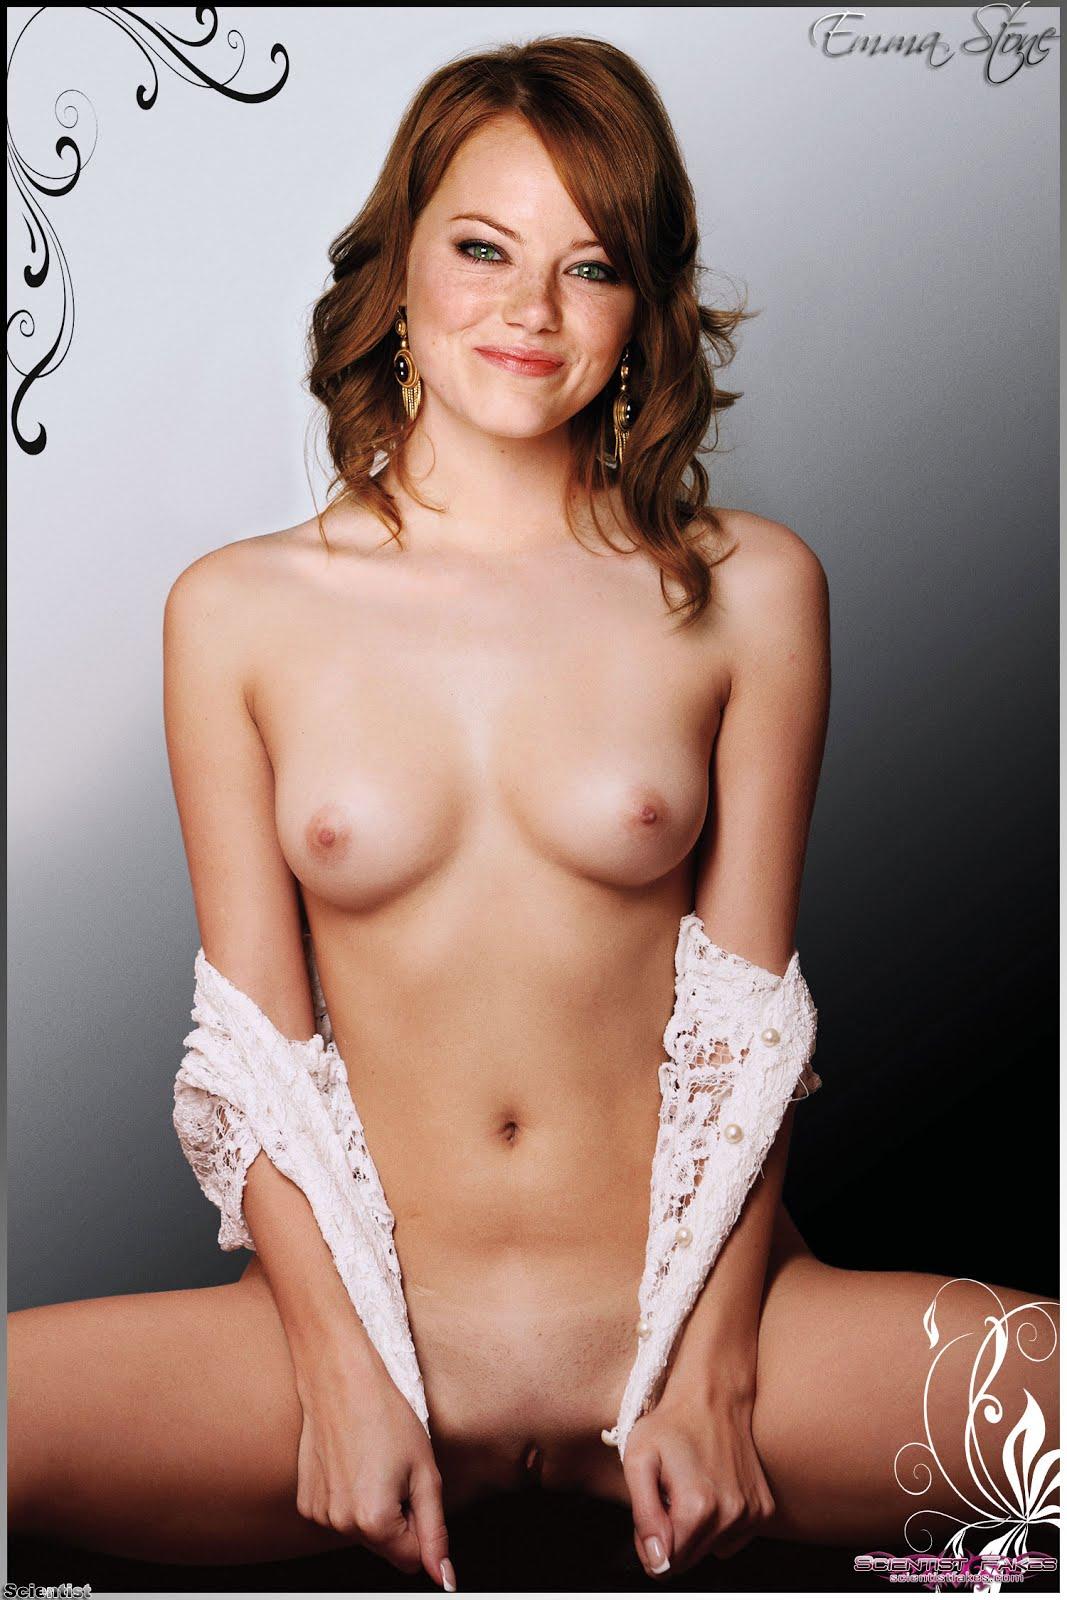 Emma stone mrskin